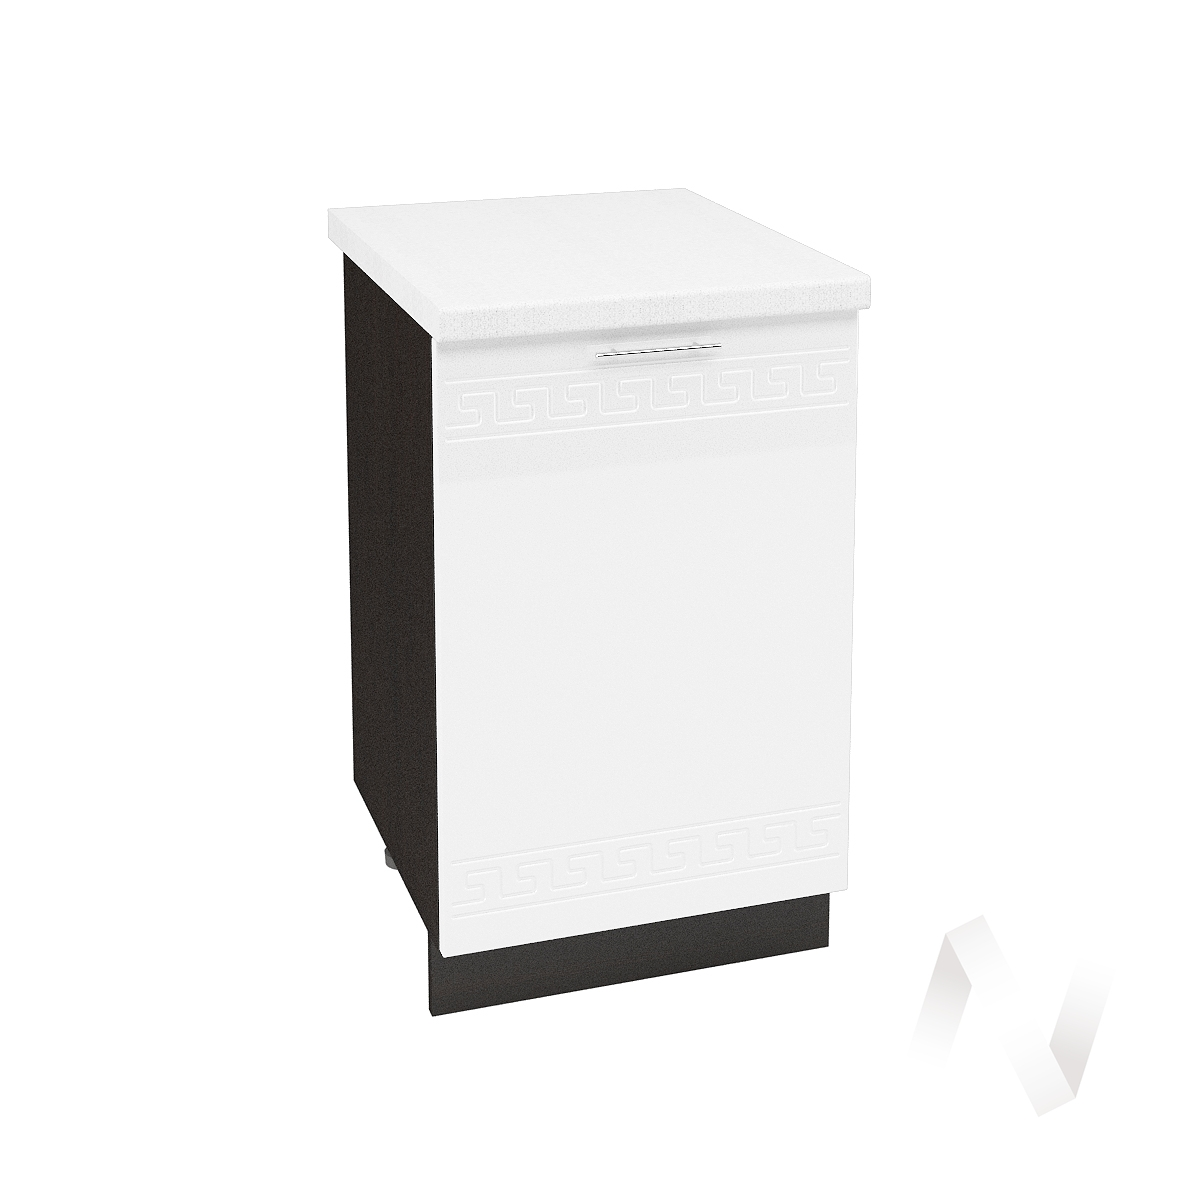 """Кухня """"Греция"""": Шкаф нижний 500, ШН 500 (белый металлик/корпус венге)"""